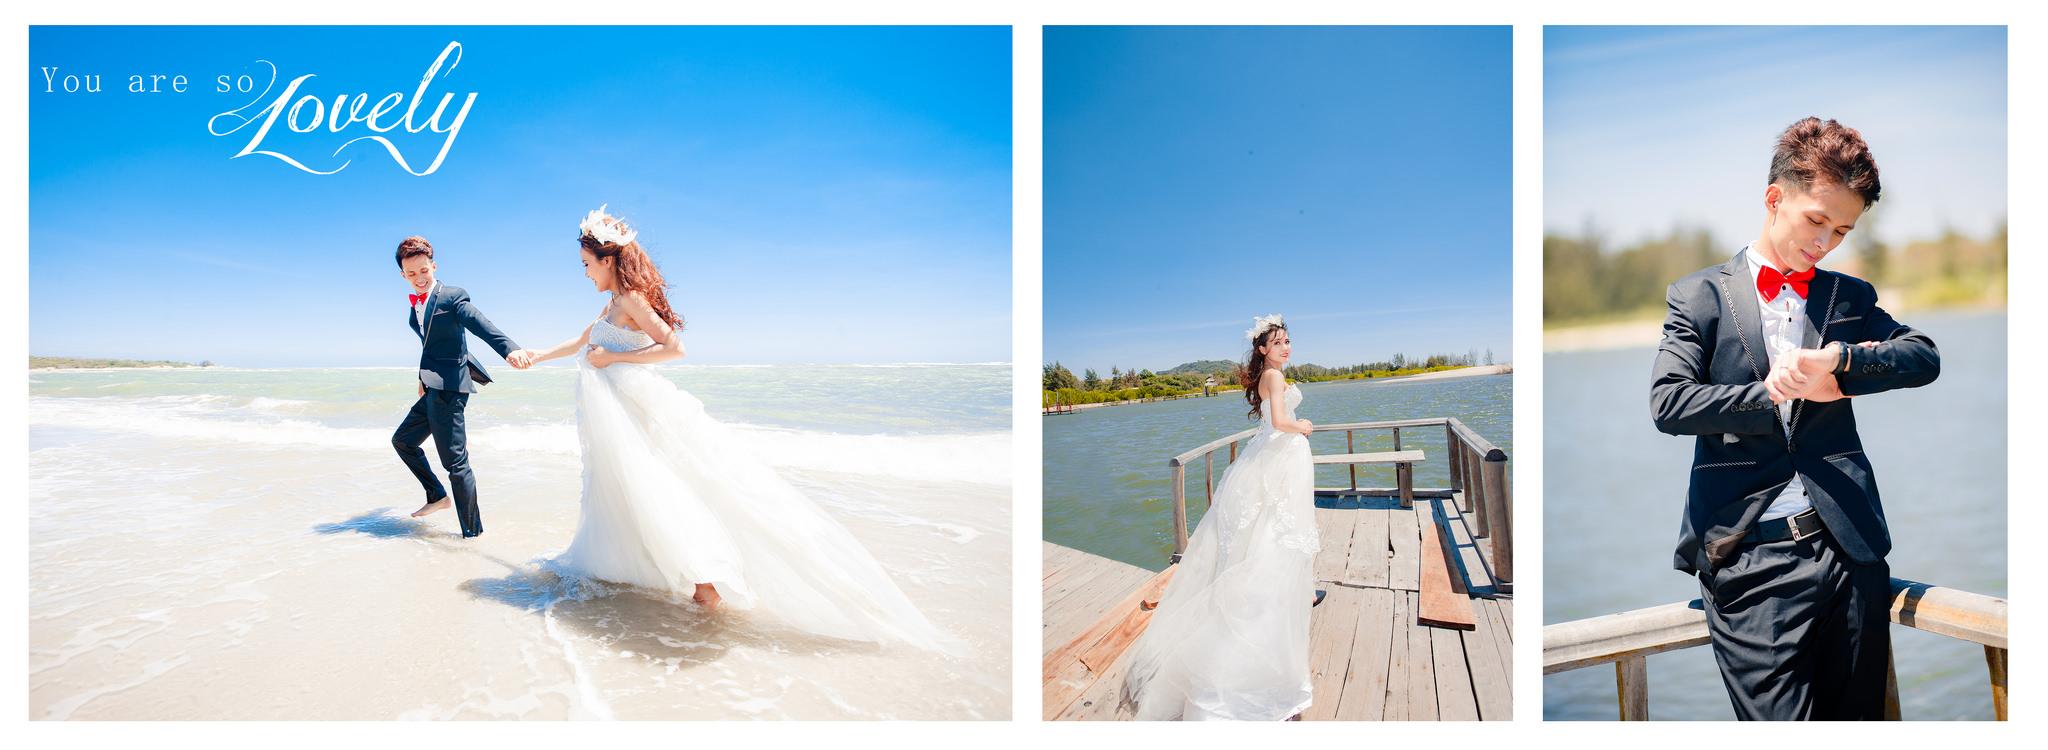 Chụp ảnh cưới đẹp tại Vũng Tàu